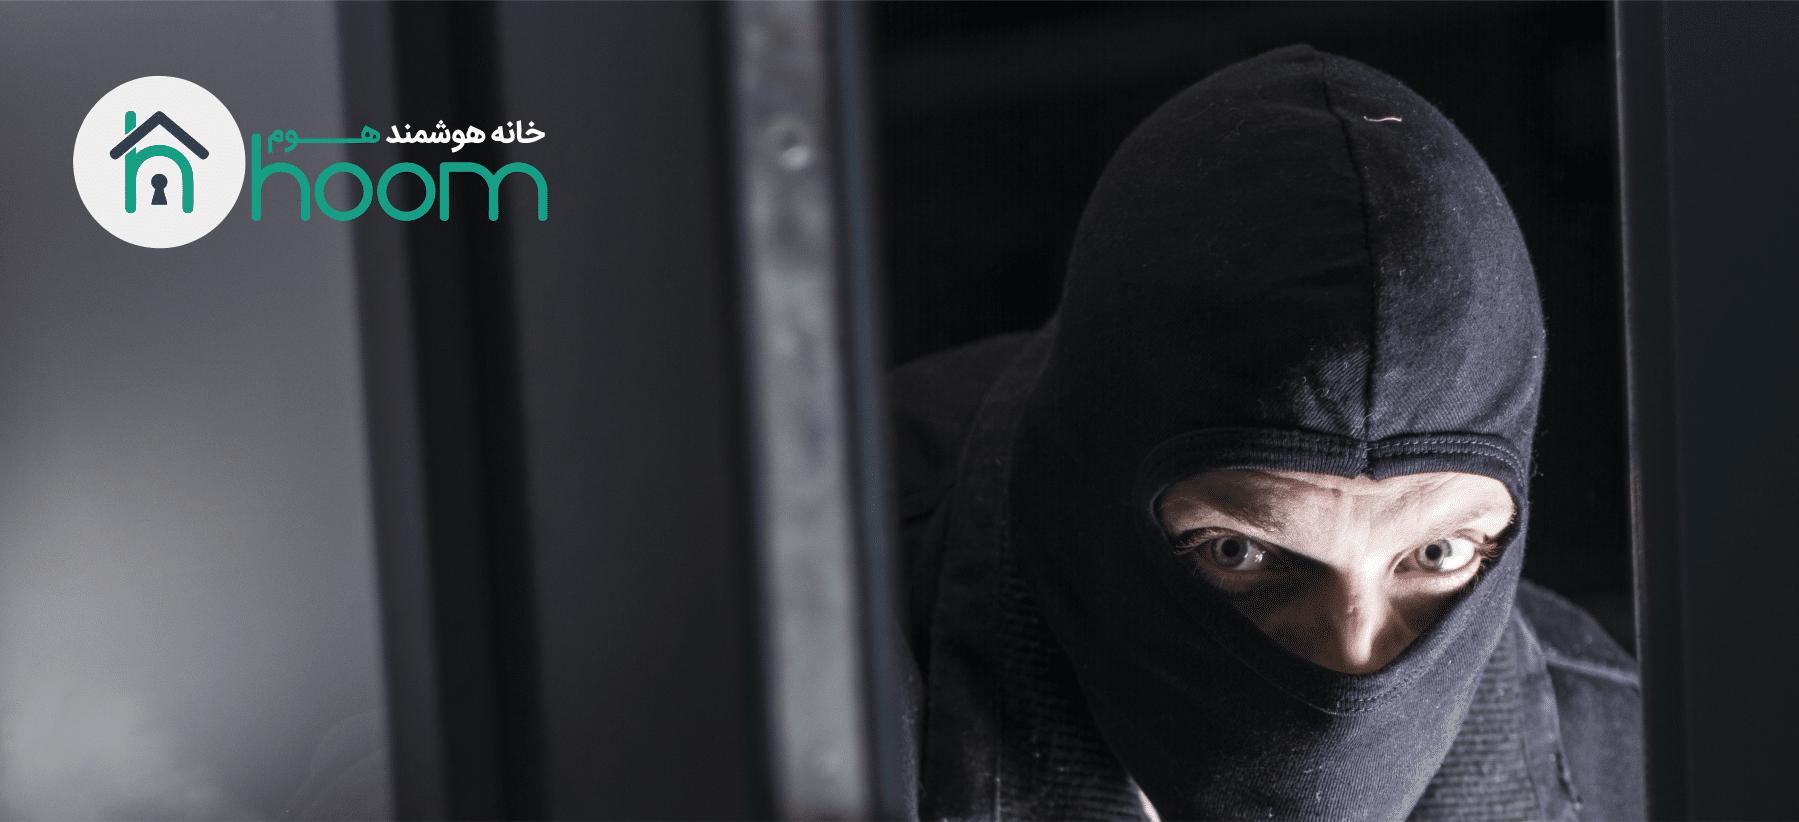 سیستم های ضدسرقت منازل